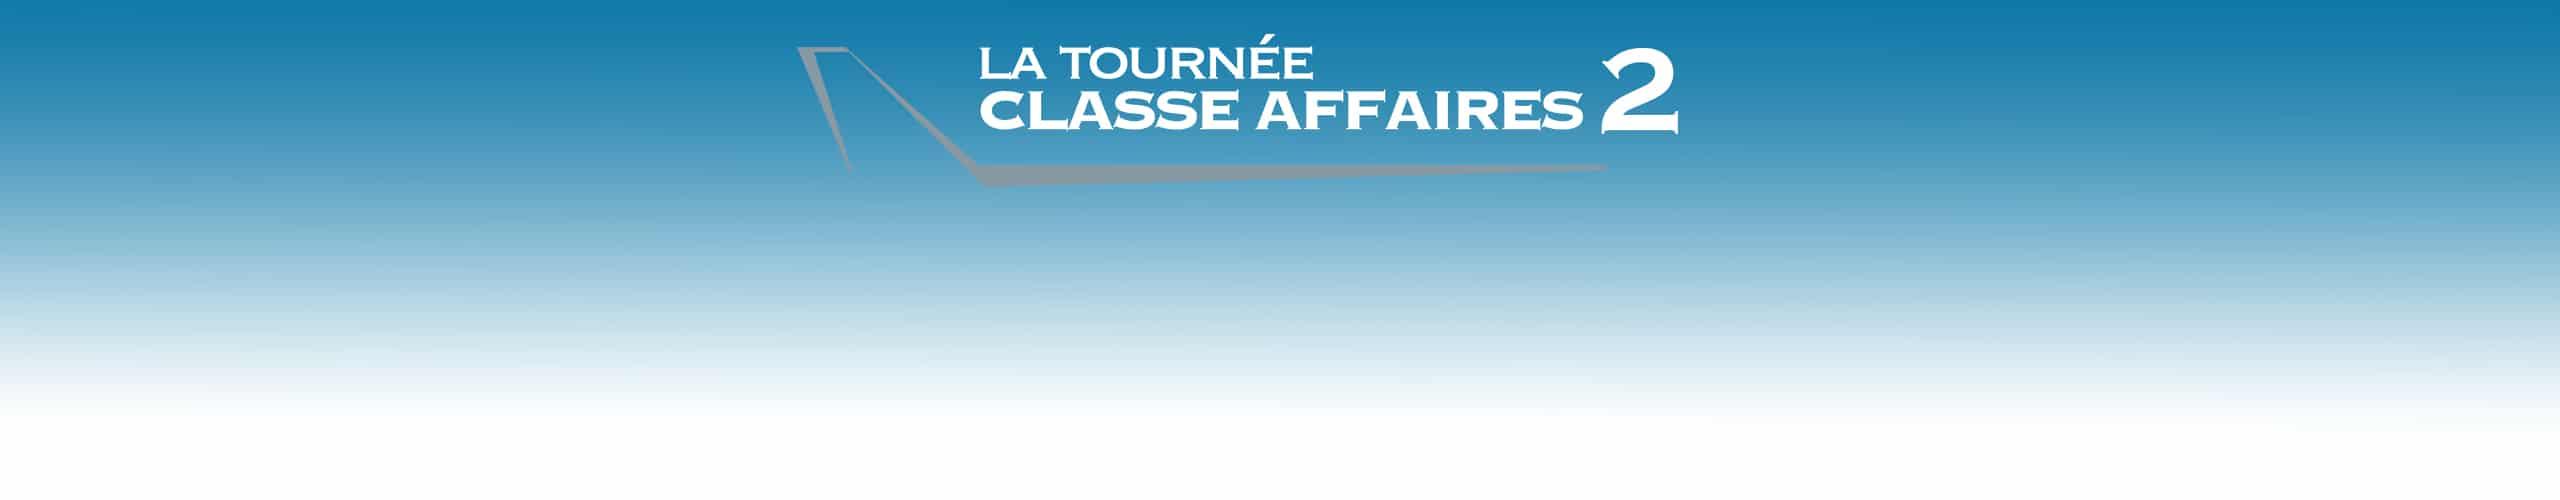 Conférenciers Québec, Formation, Motivation et Team Building - Formax - Accueil